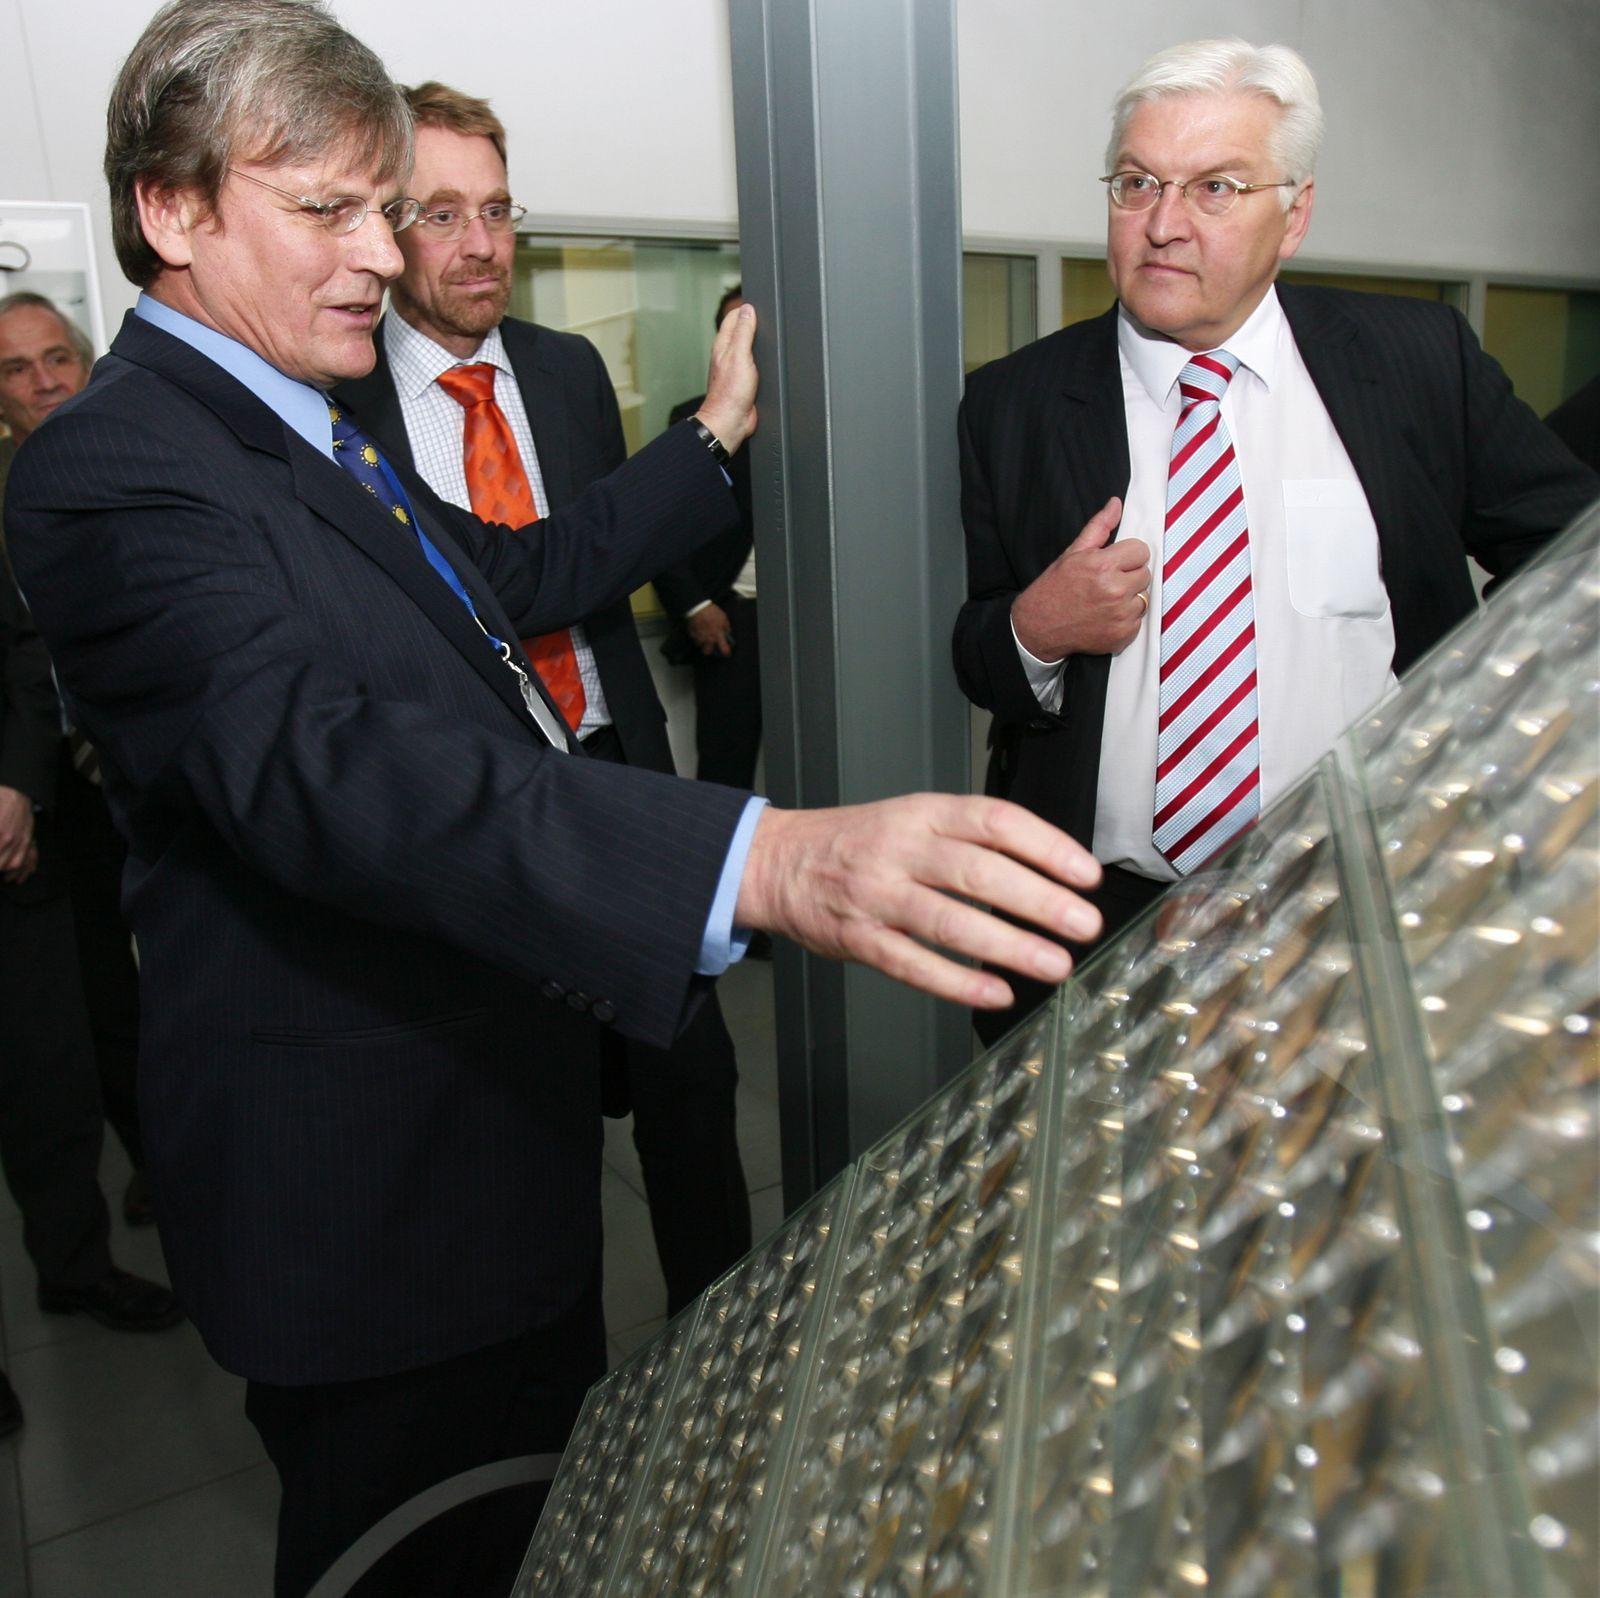 Außenminister Steinmeier besucht Fraunhofer Institut für Solare Energiesysteme